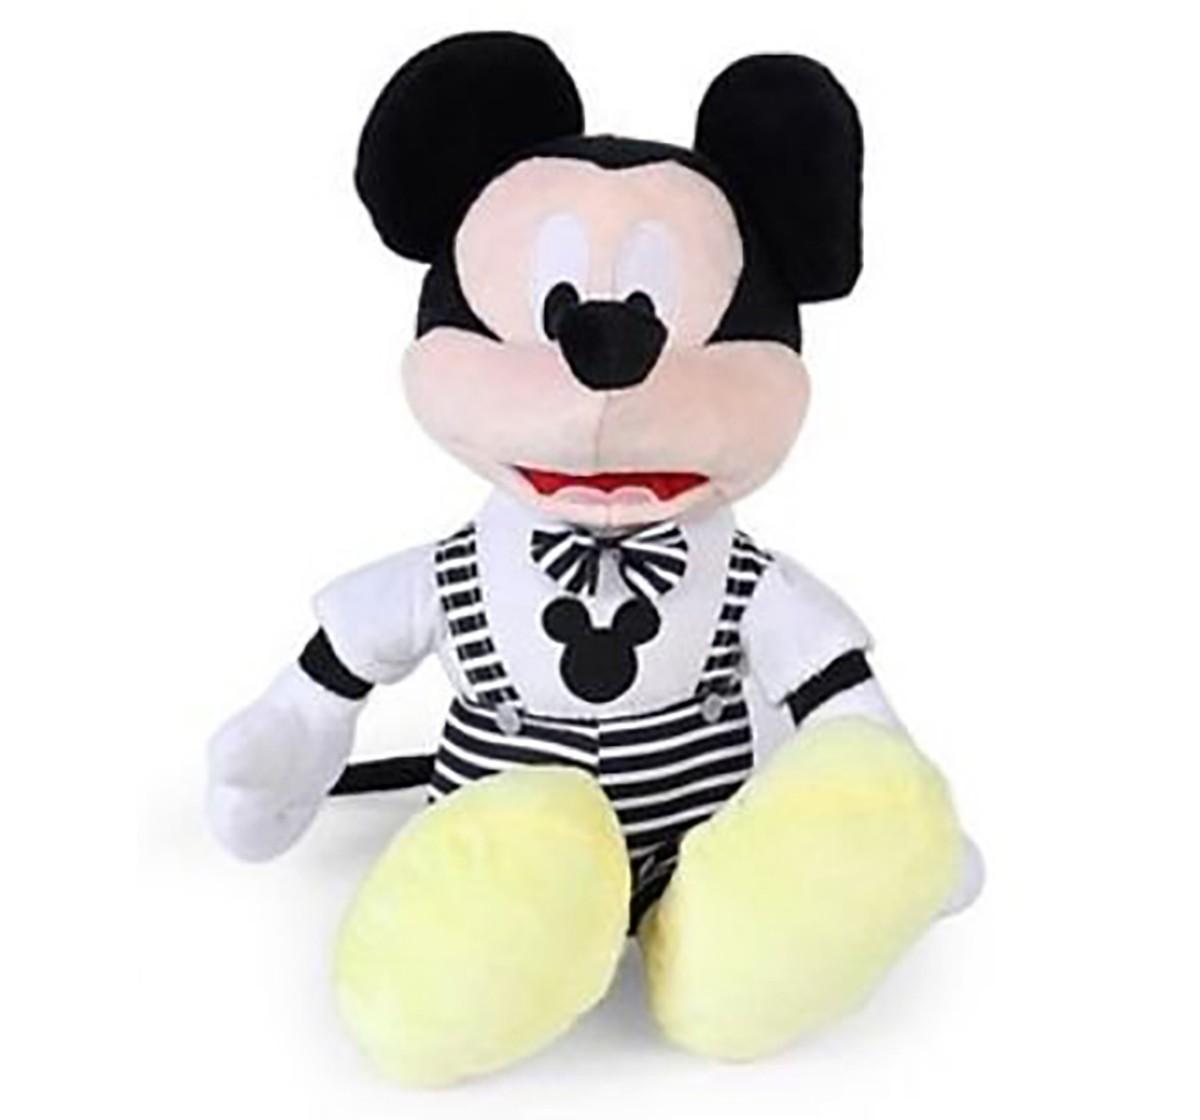 Disney Mickey Monochrome 30 Cm Soft Toy for Kids age 0M+